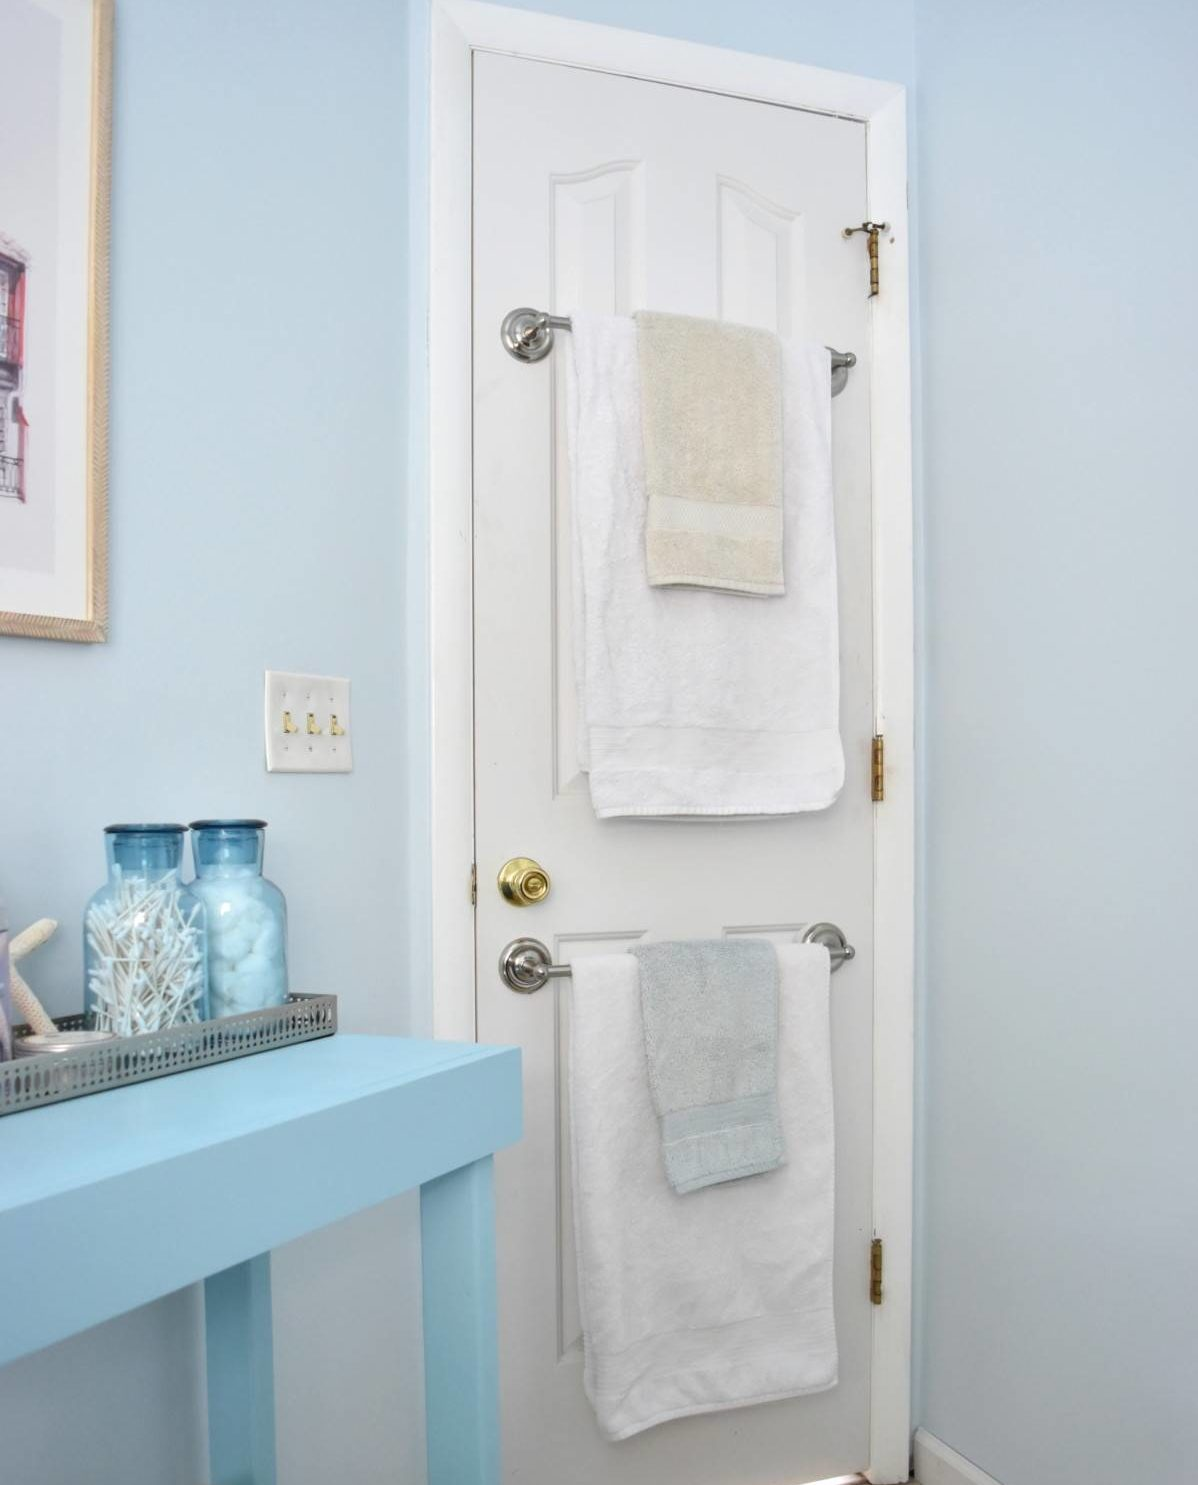 Thanh trên cửa sử dụng ít không gian nhất có thể và dễ dàng phù hợp trong một phòng tắm sang trọng